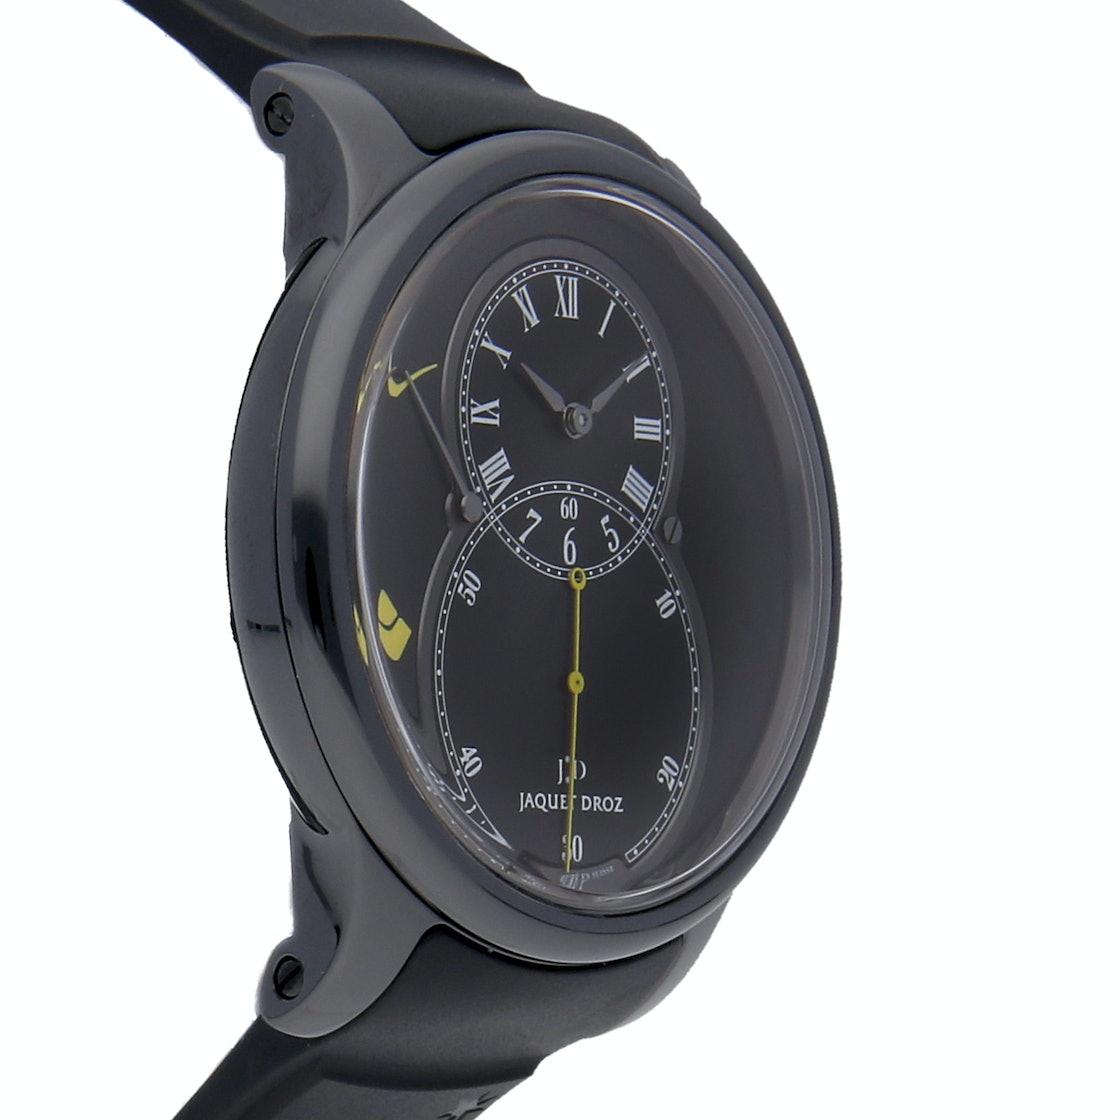 Jaquet Droz Grande Seconde Reserve de Marche Limited Edition J027035404